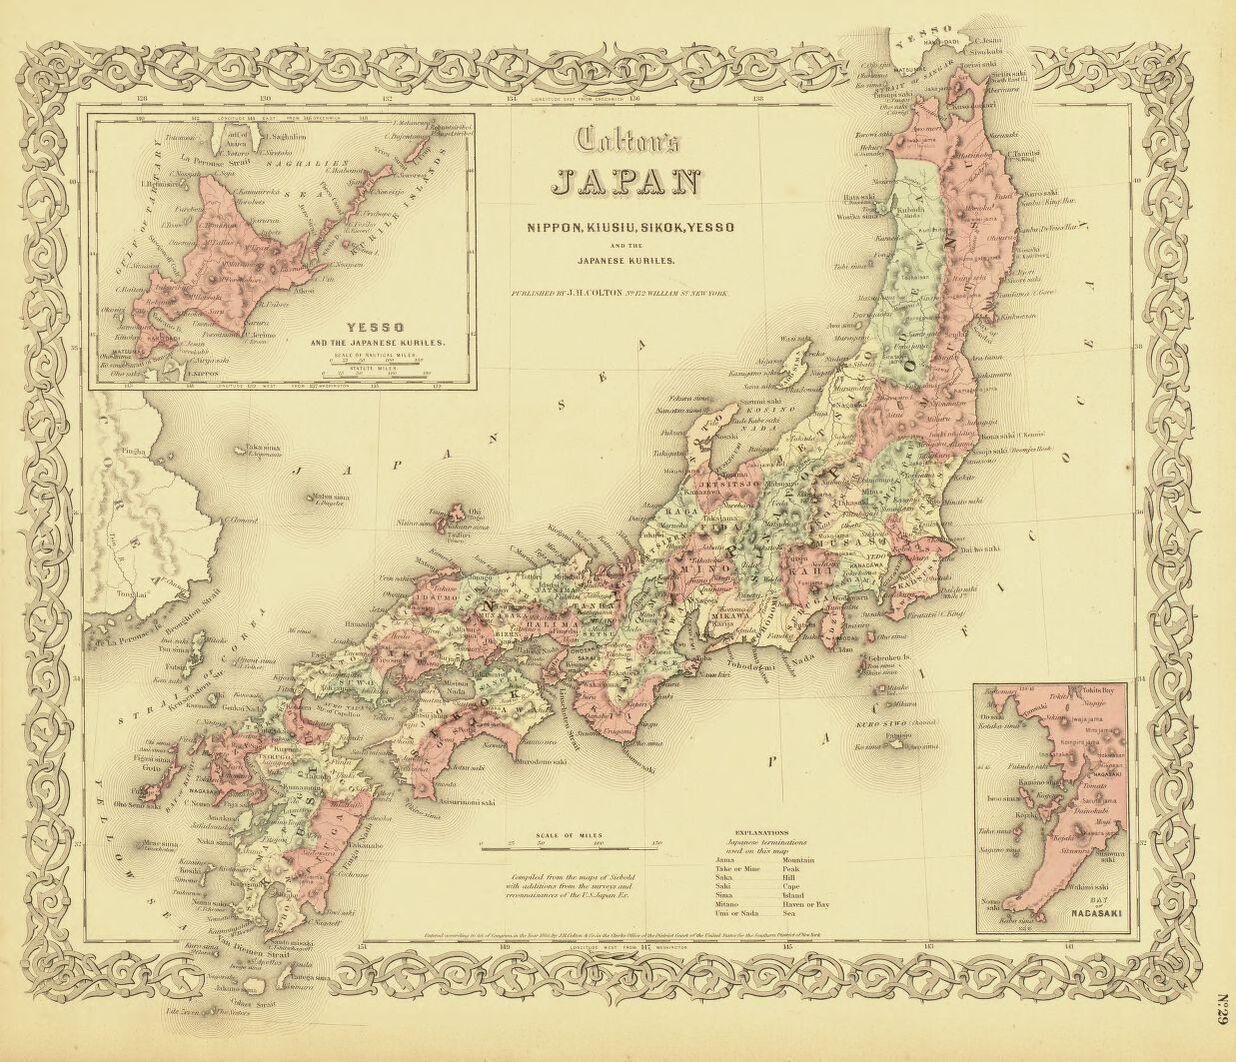 米国議会図書館で保存公開されている日本の地図_c0025115_21390686.jpg